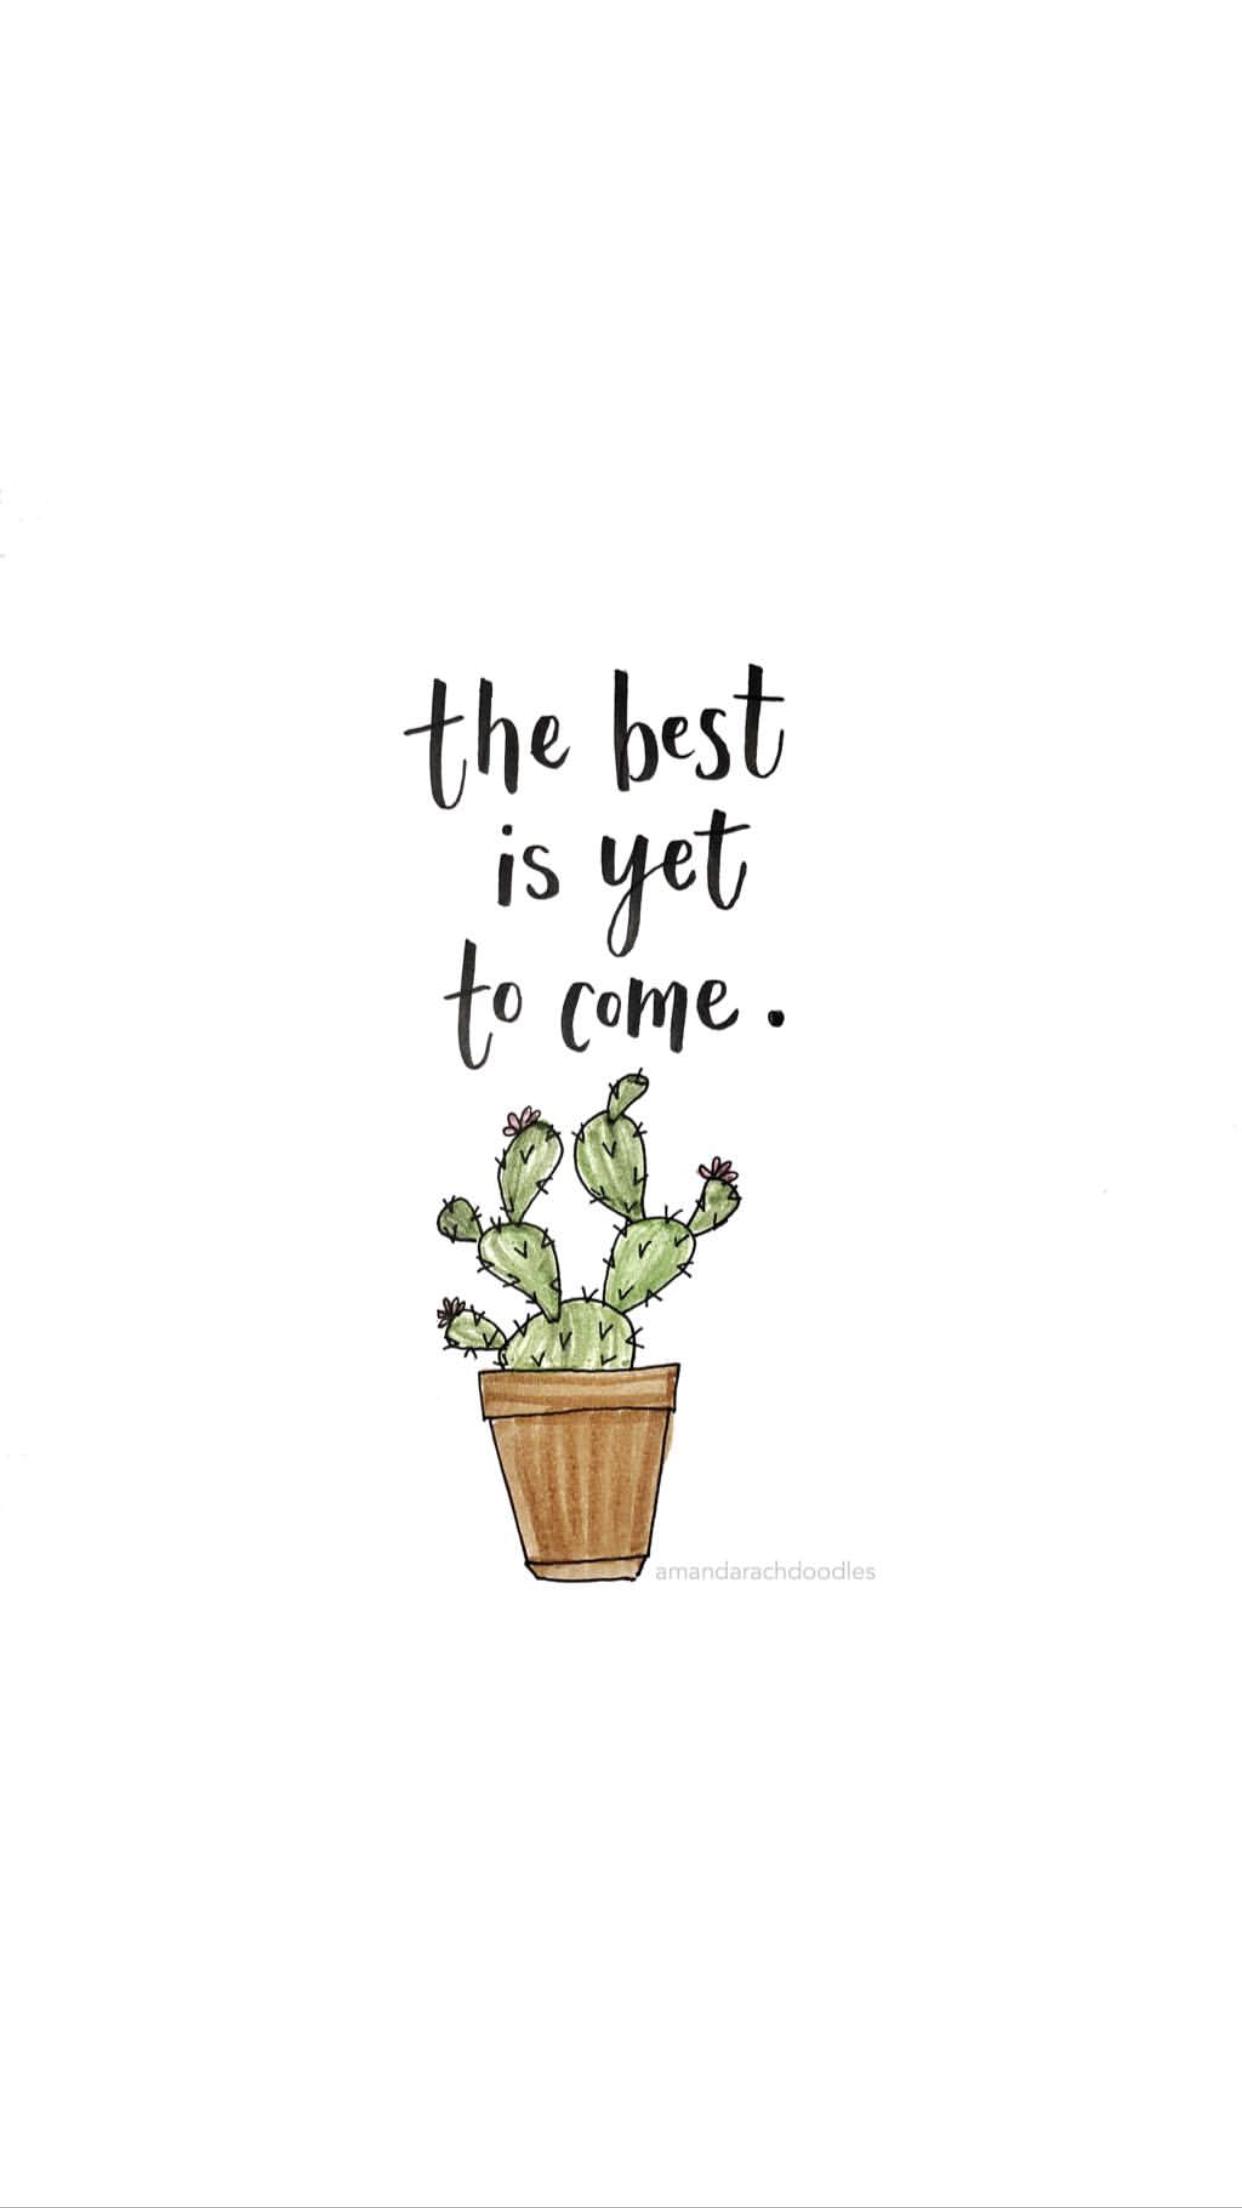 The Best Is Yet To Come The Best Is Yet To Come Plant Wallpaper Wallpaper Quotes